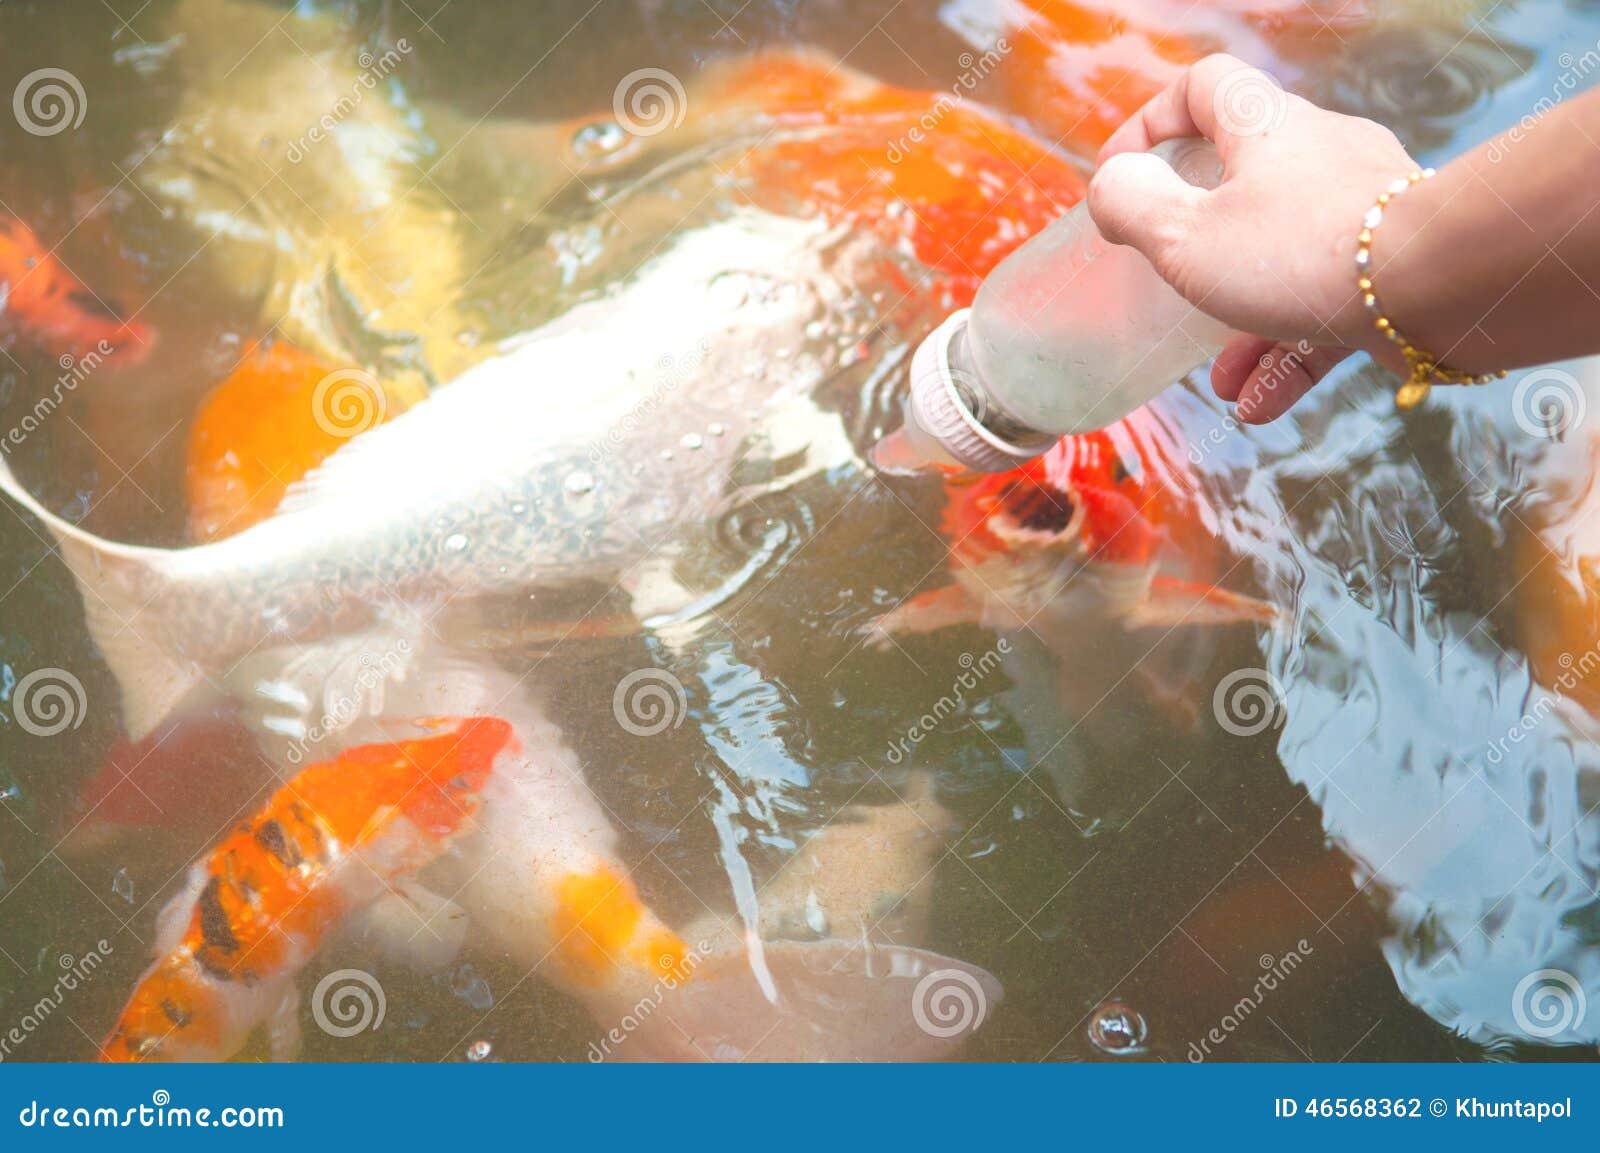 Feeding koi fish with milk bottle stock photo for Feeding koi fish